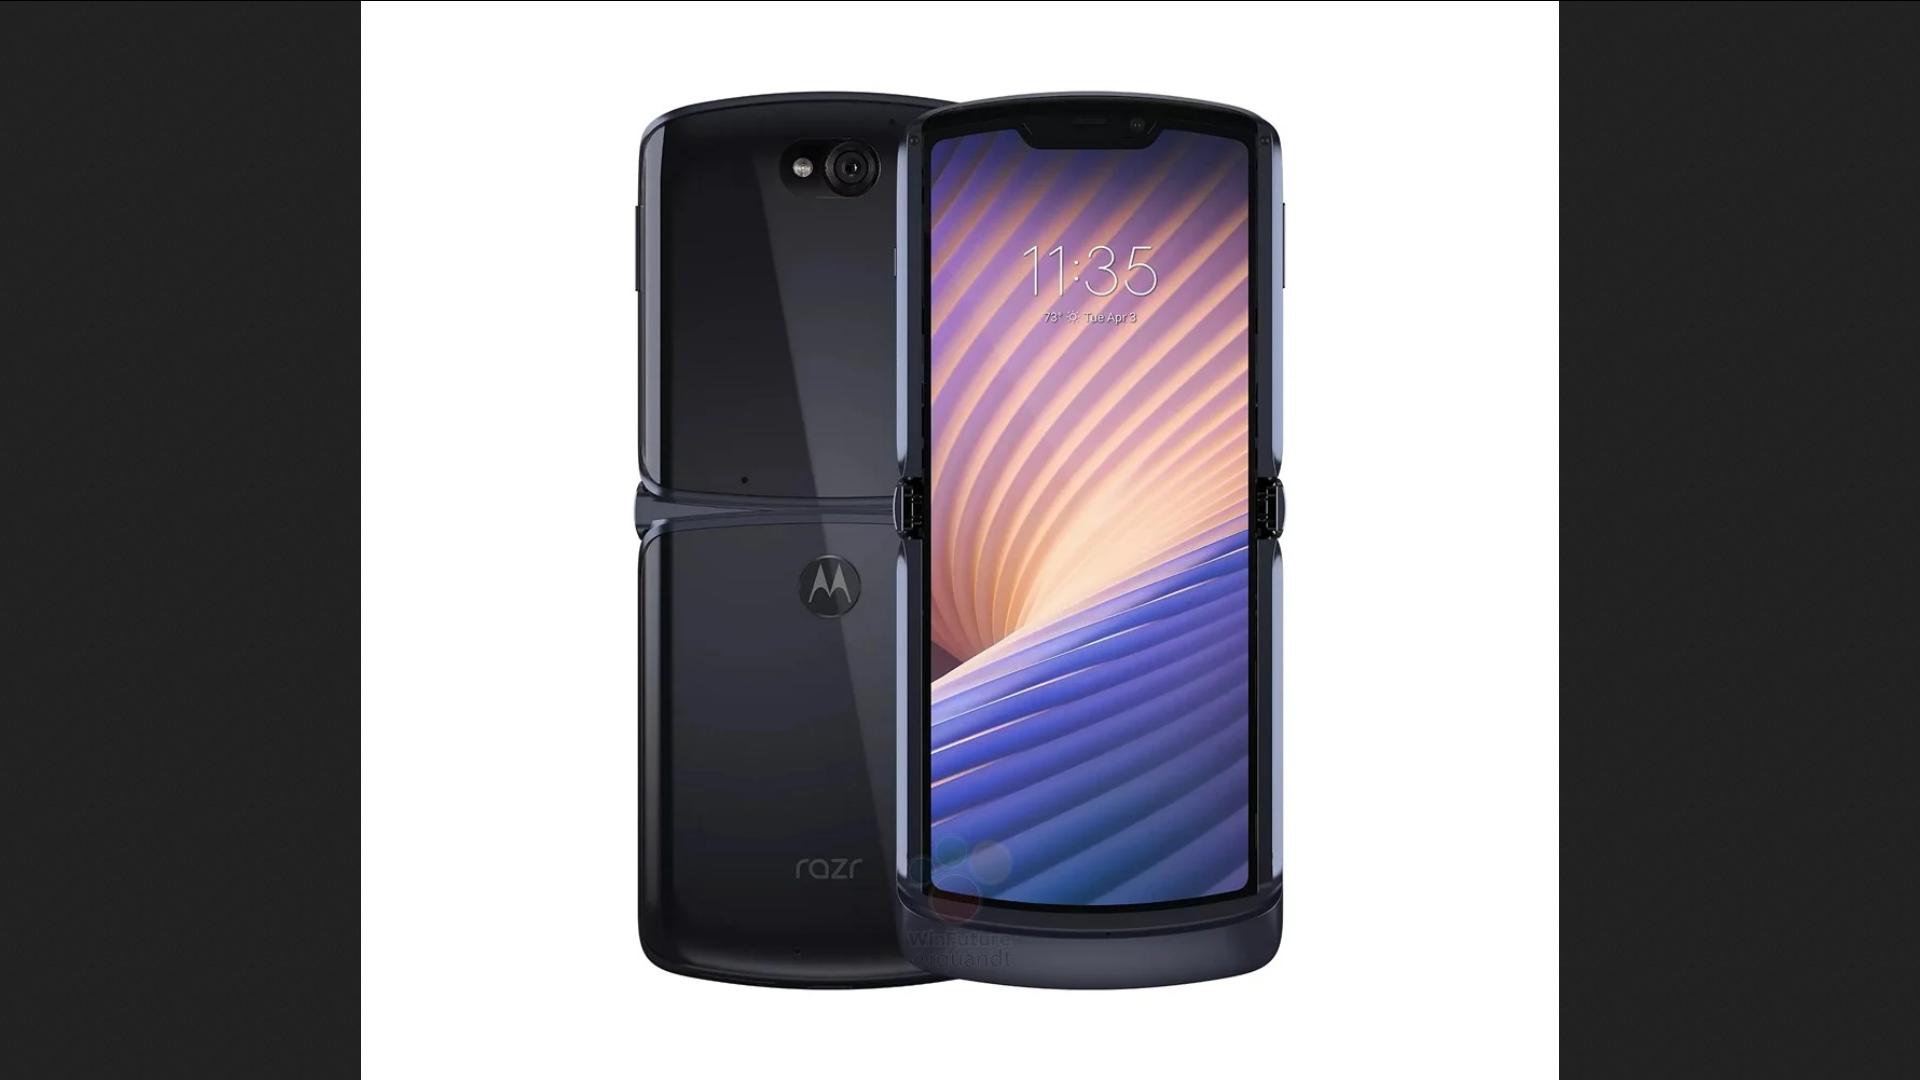 Motorola Razr 2020 5G เปิดตัวอย่างเป็นทางการแล้ว ราคาลดลงเล็กน้อย